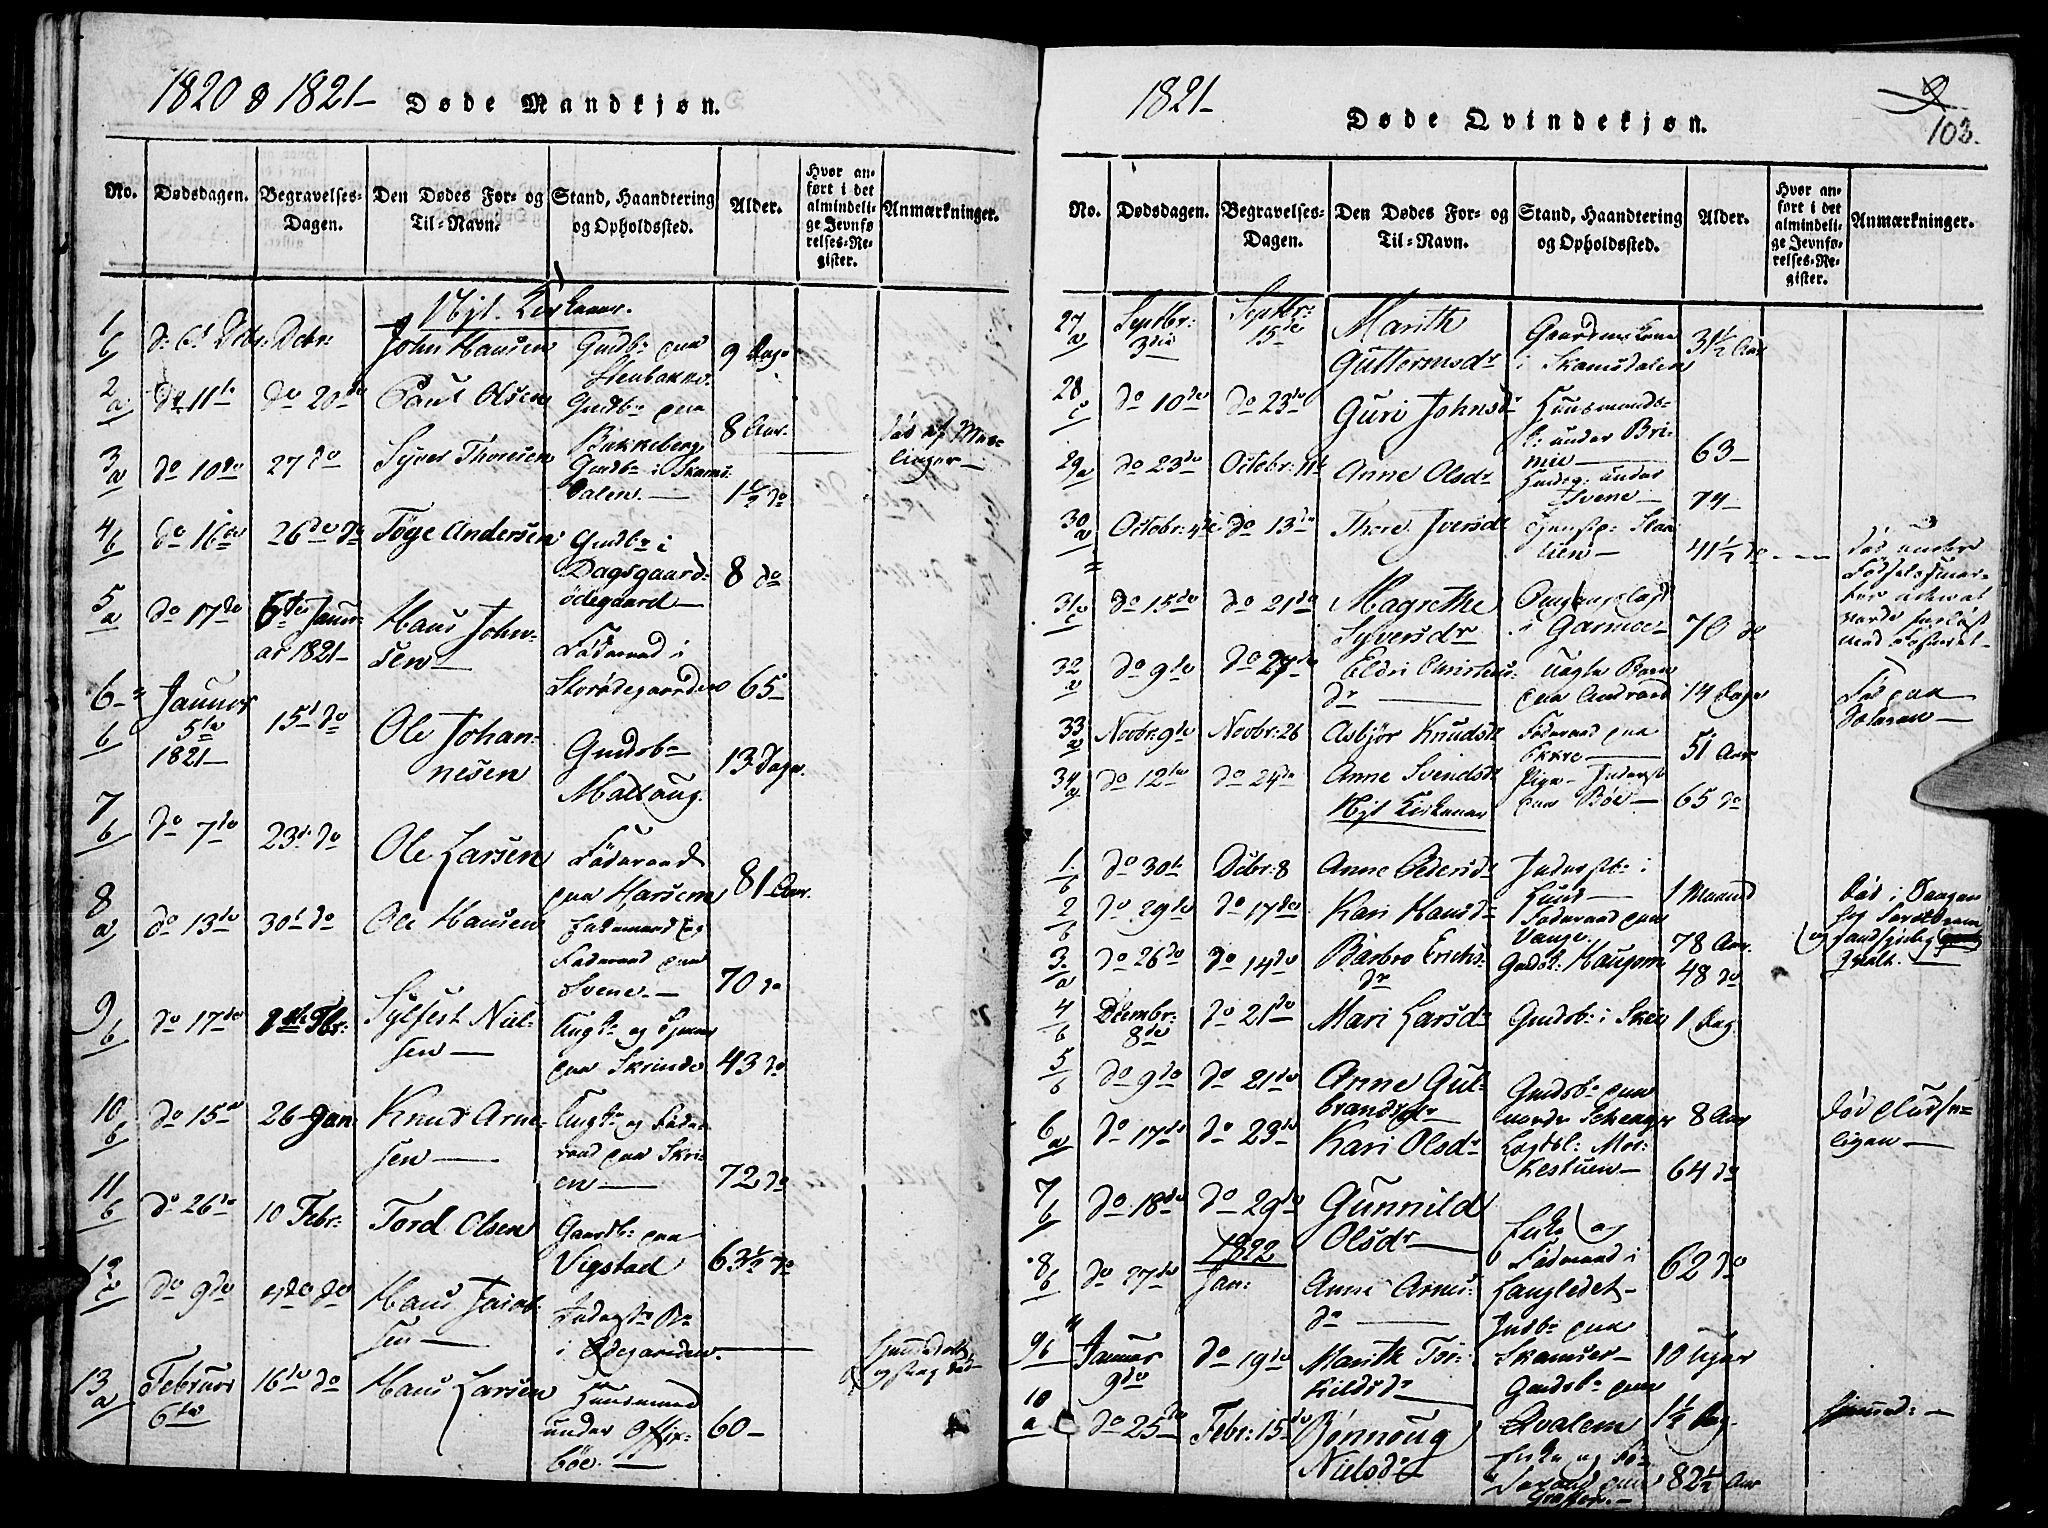 SAH, Lom prestekontor, K/L0004: Ministerialbok nr. 4, 1815-1825, s. 102